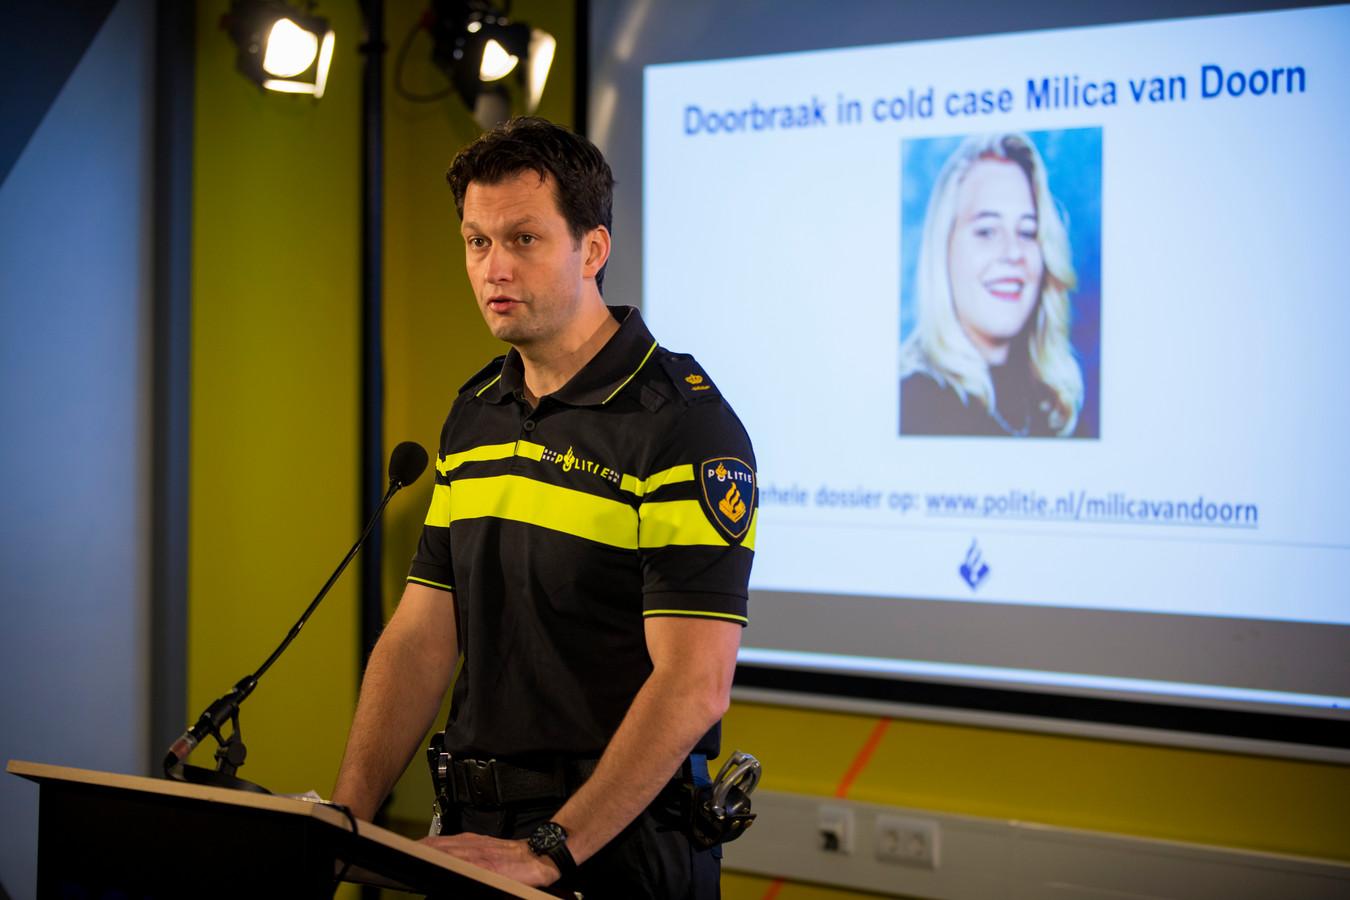 Een persconferentie over de aanhouding van een verdachte in de zaak Milica van Doorn.